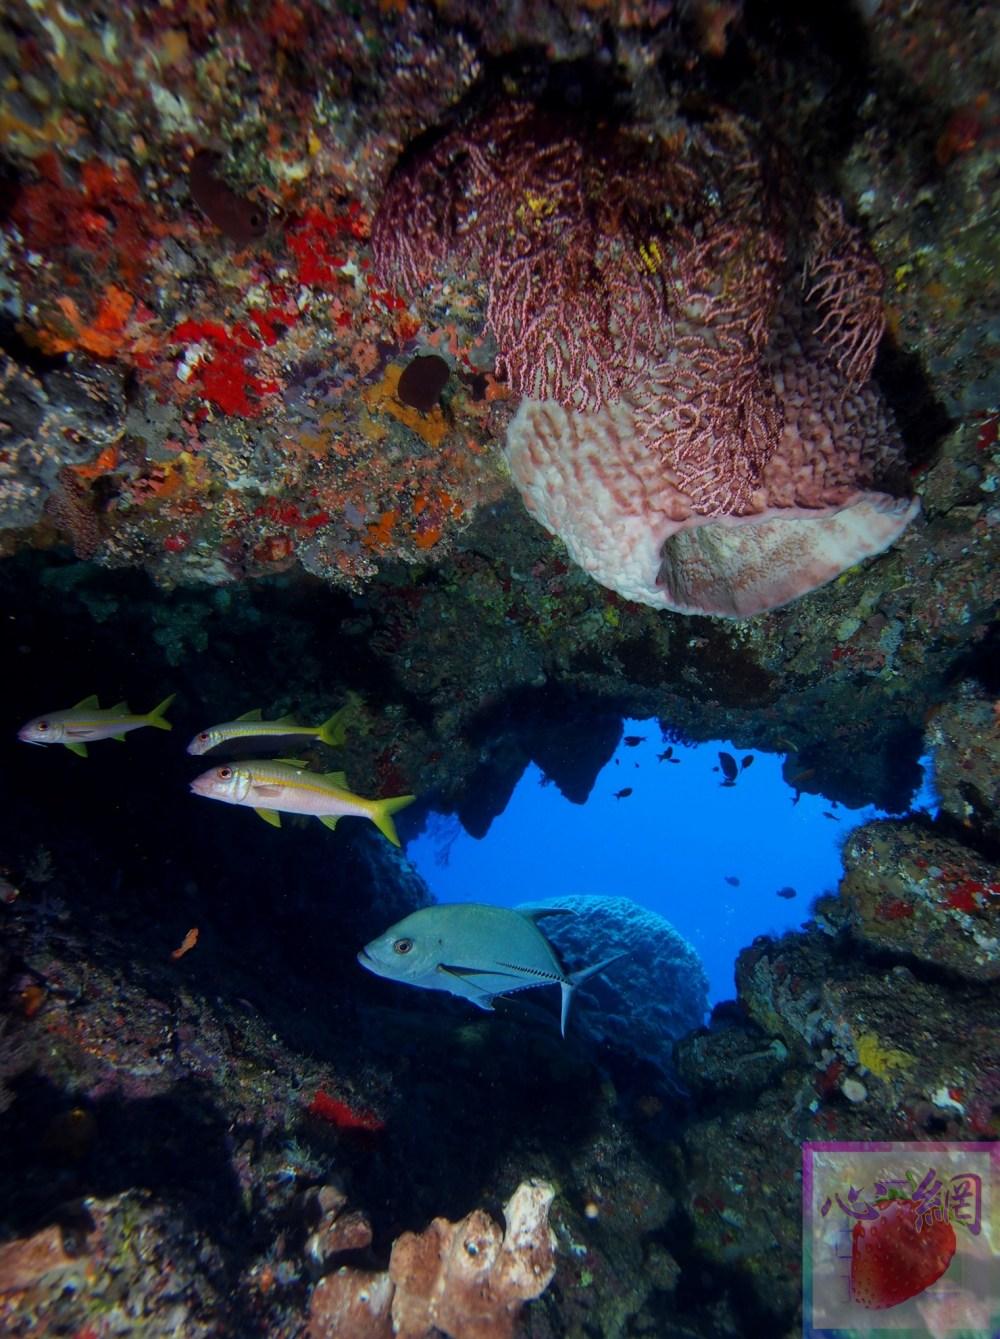 【看見綠島 水下生態之美映入眼簾 國際潛水攝影師揭開神秘面紗】 – 東岸微觀